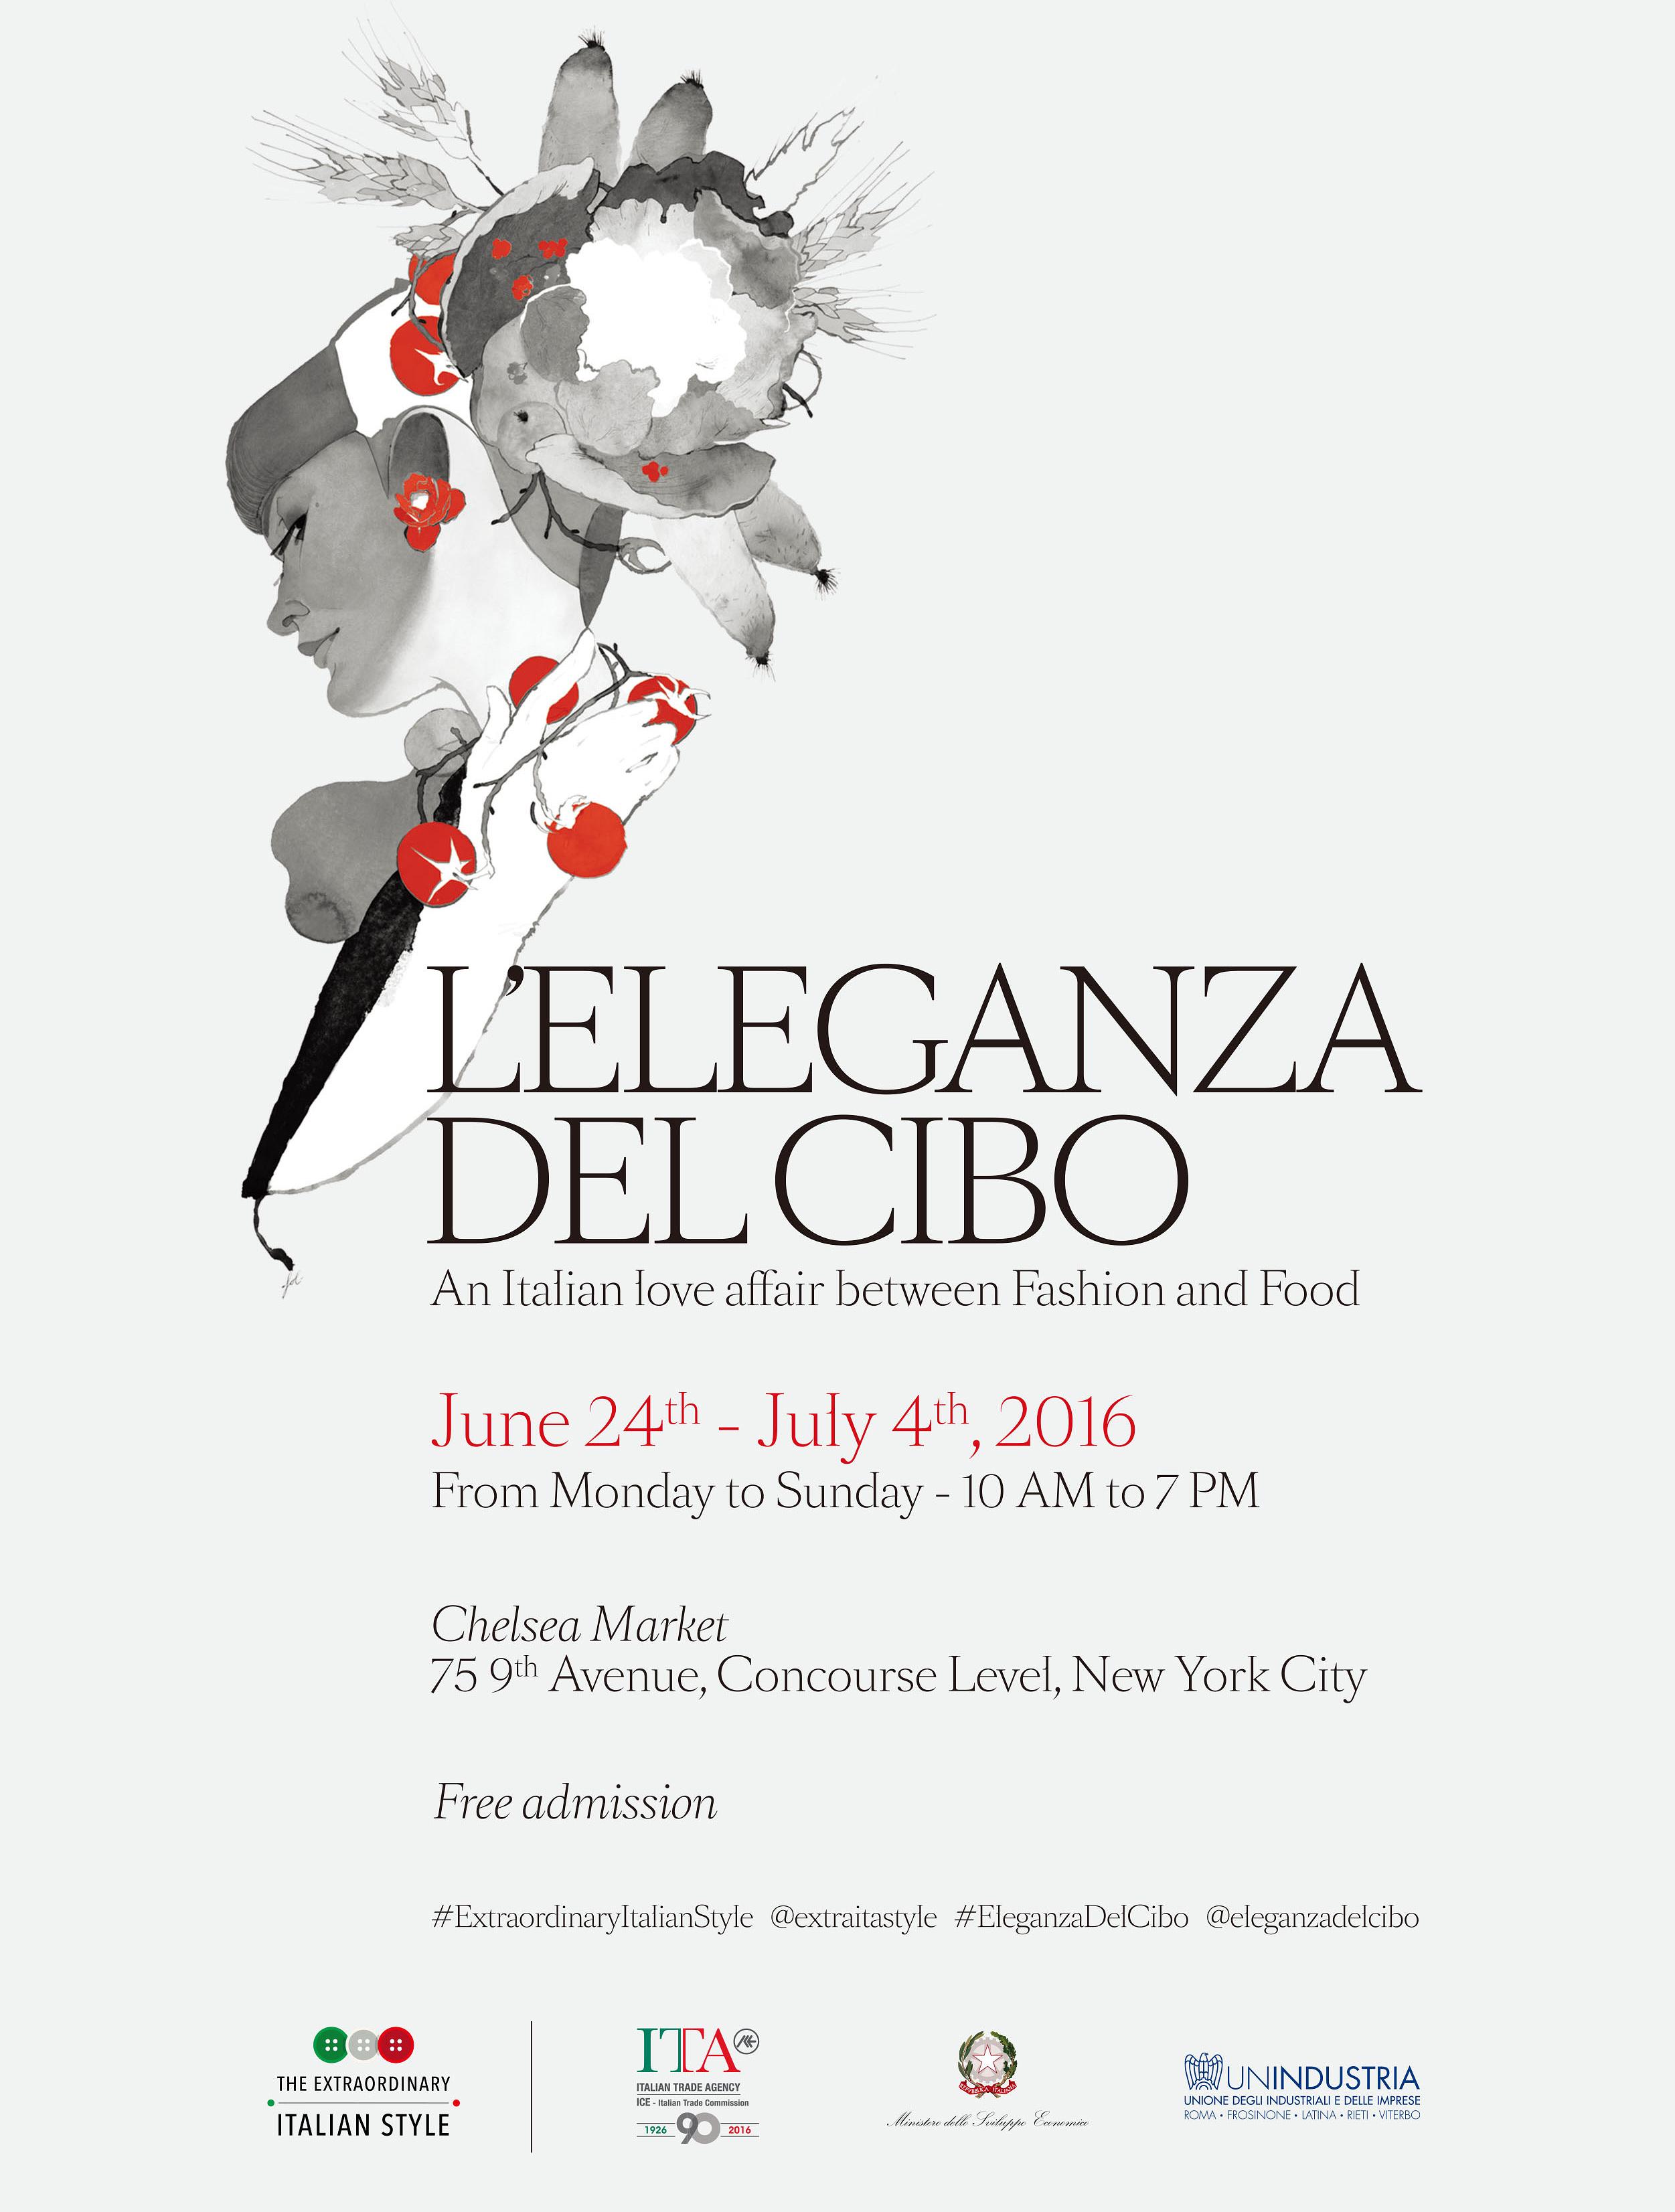 LEleganza-del-Cibo-Exhibition